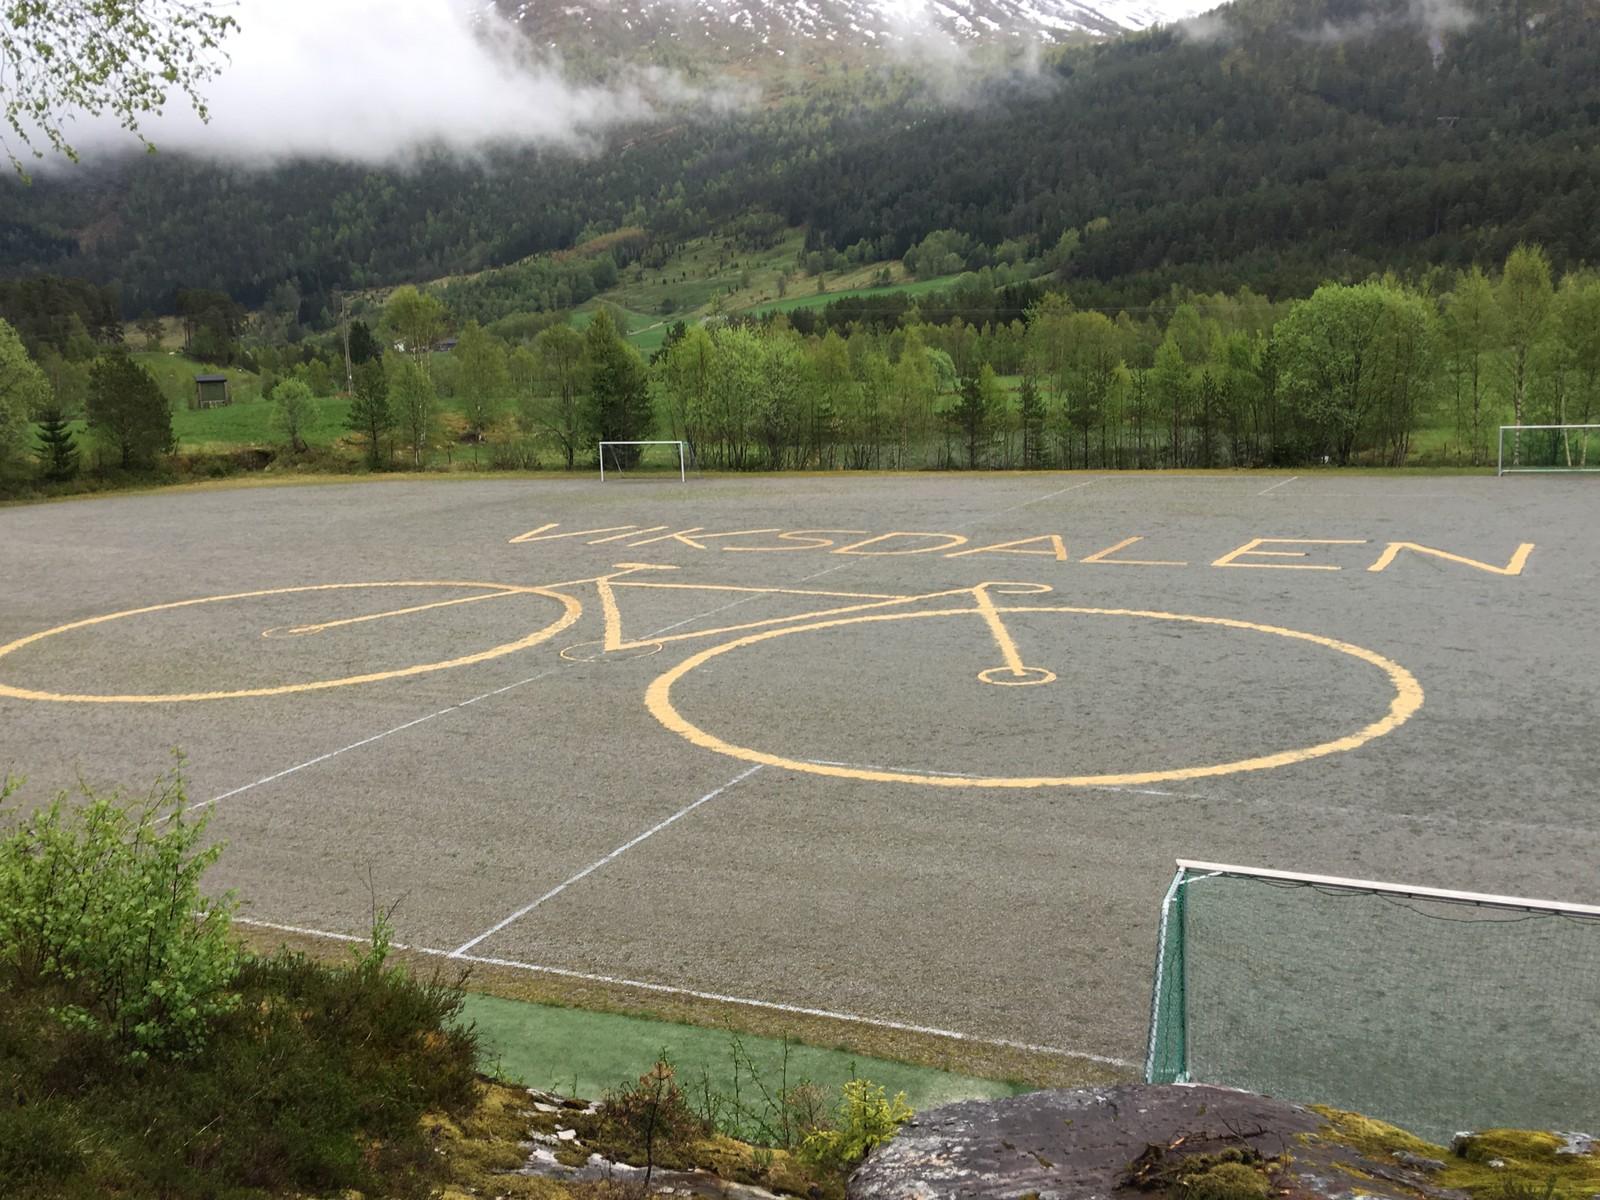 Slik ser fotballbana i Viksdalen ut. Skrifta er laga med sagflis.